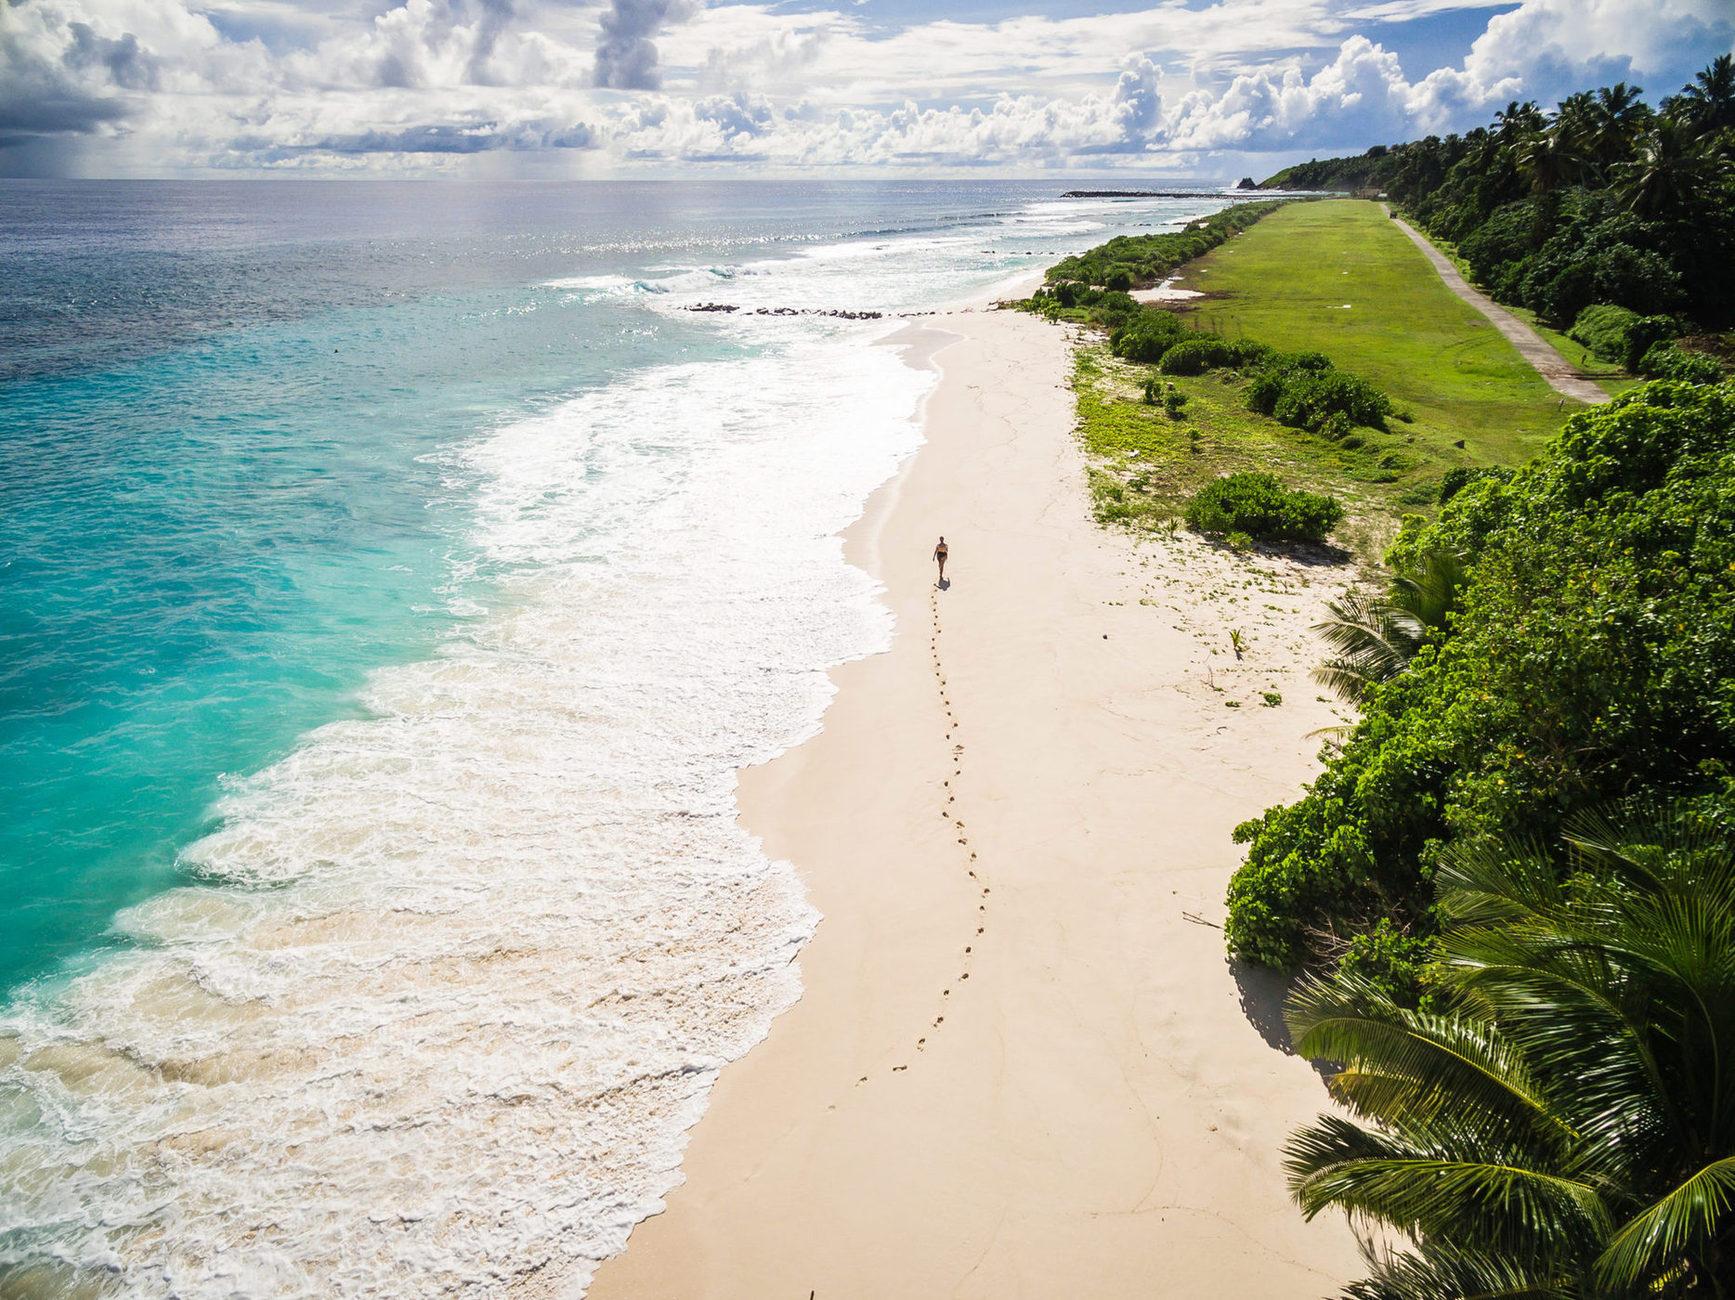 Одночасно на острові можуть перебувати лише до 40 туристів, про яких піклуються близько 100 чоловік персоналу.